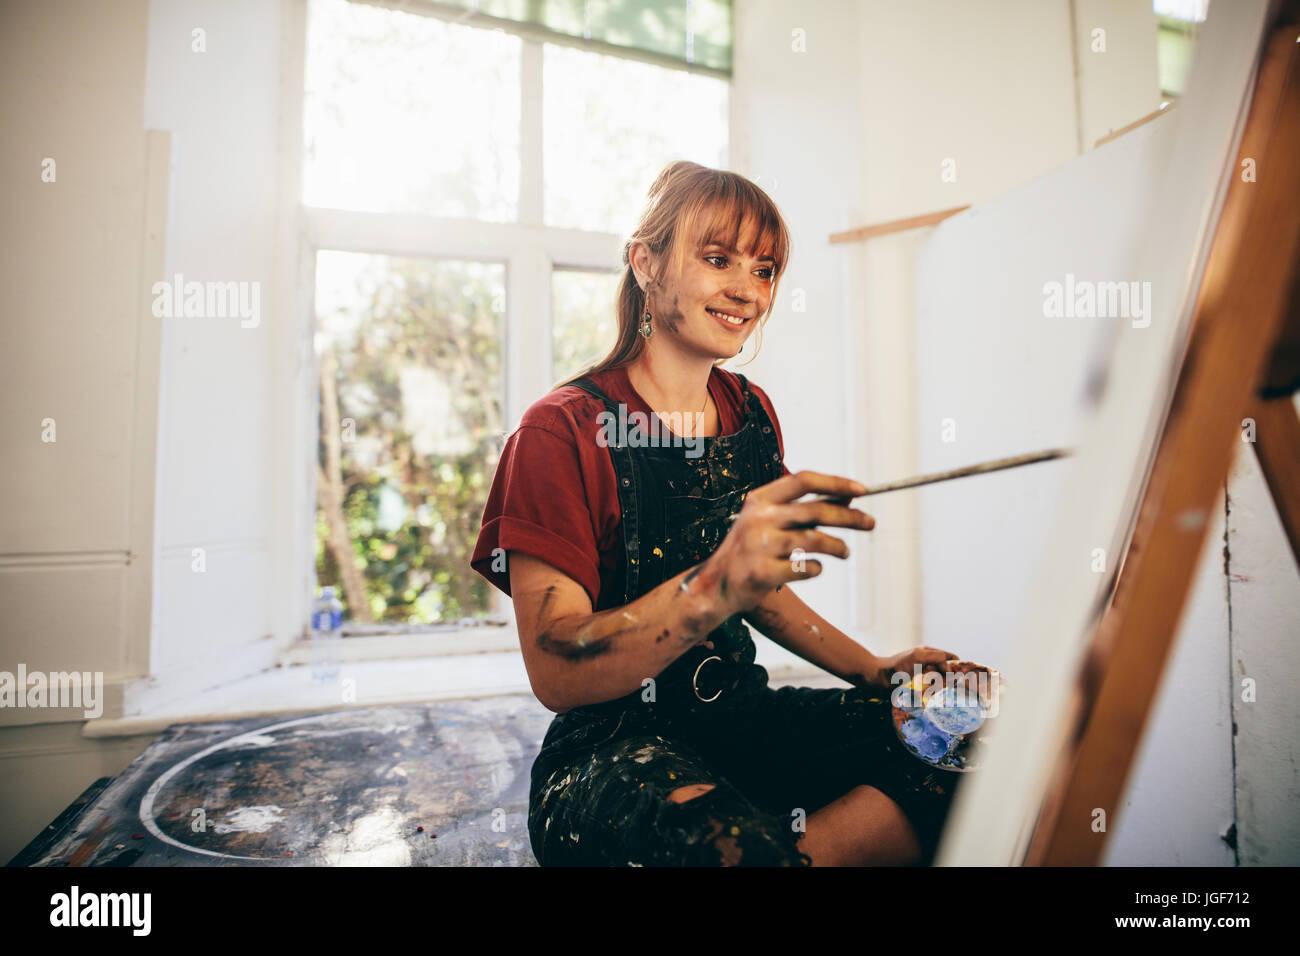 Piscina colpo di artista femminile pittura in studio. Donna pittore la pittura nella sua officina. Immagini Stock